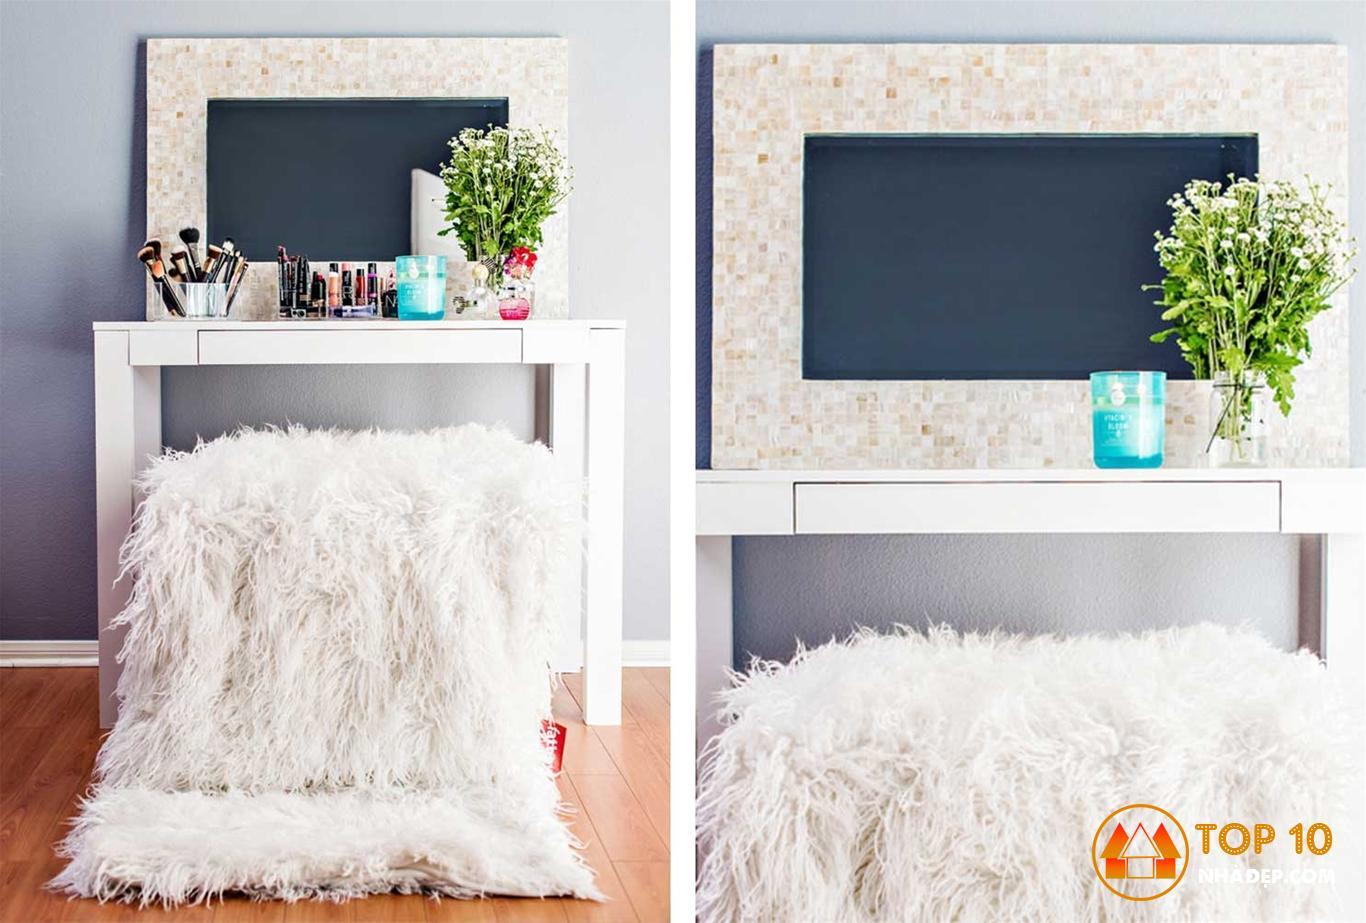 25+ ý tưởng thiết kế phòng ngủ siêu mát mẻ cho thanh thiếu niên (Thanh thiếu niên) 10